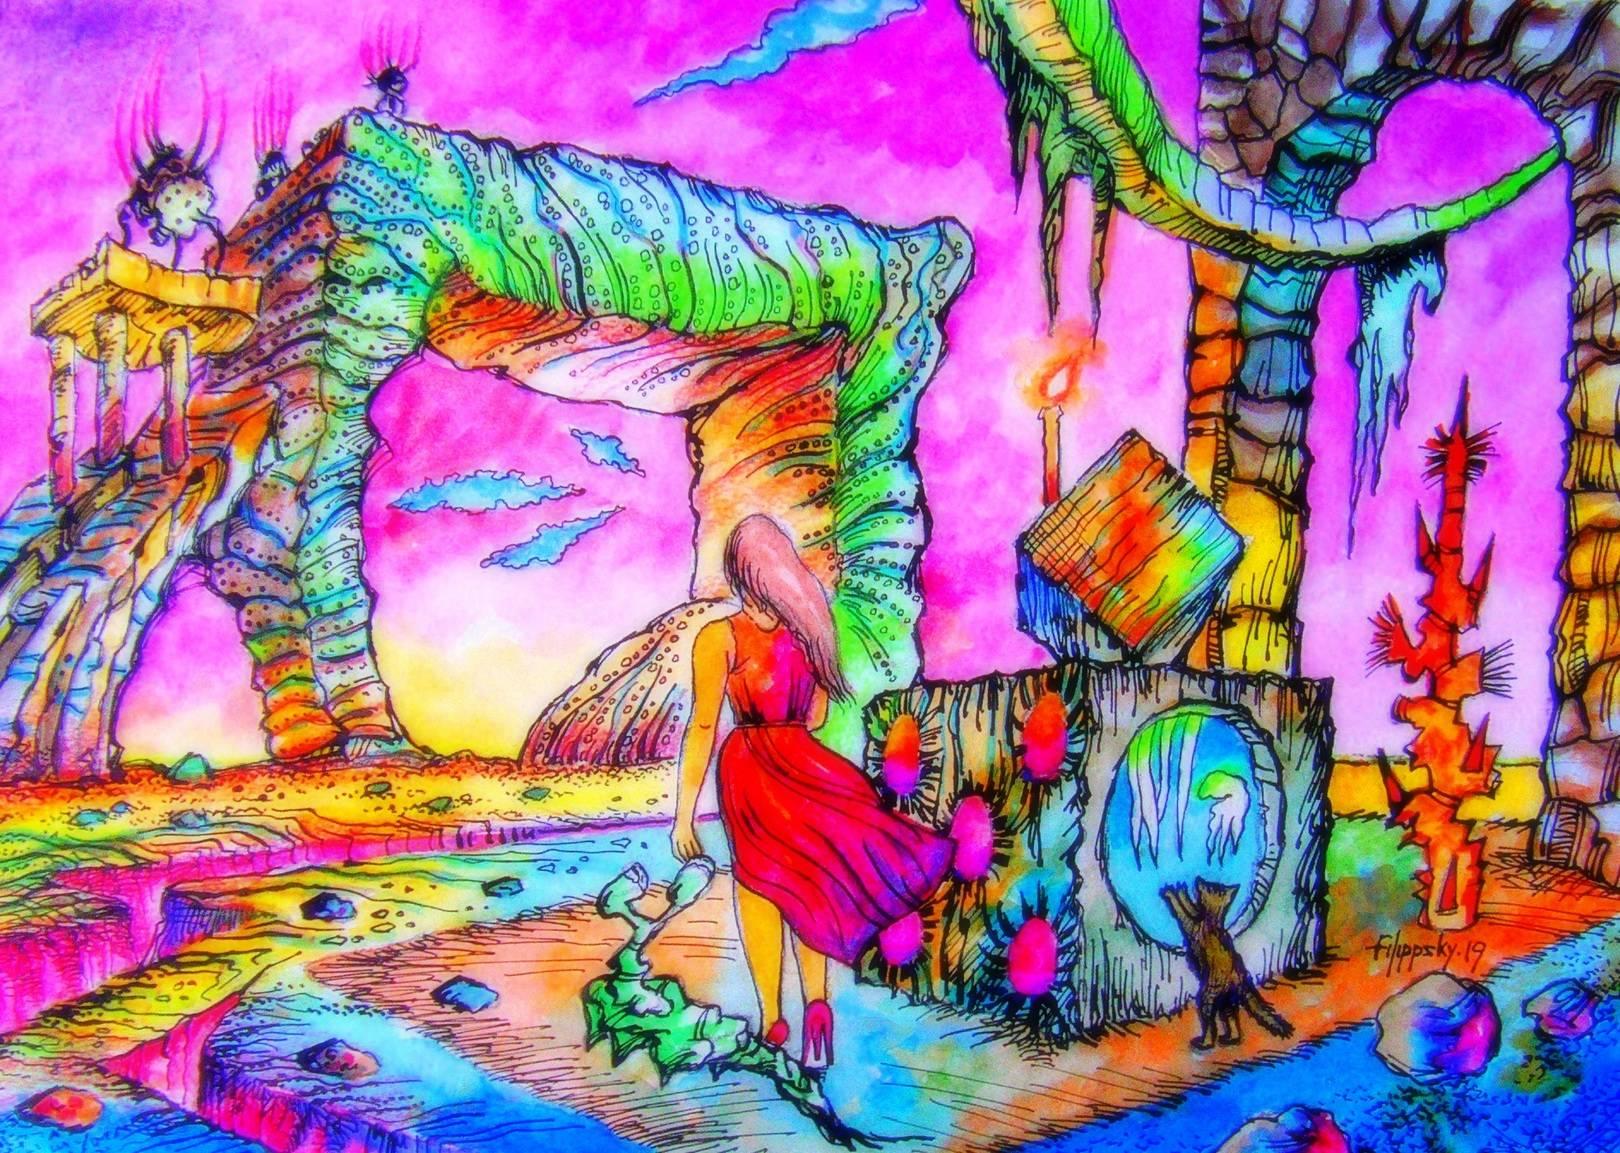 Пейзаж с любопытной кошкой и девушкой в красном,идущей в никуда.